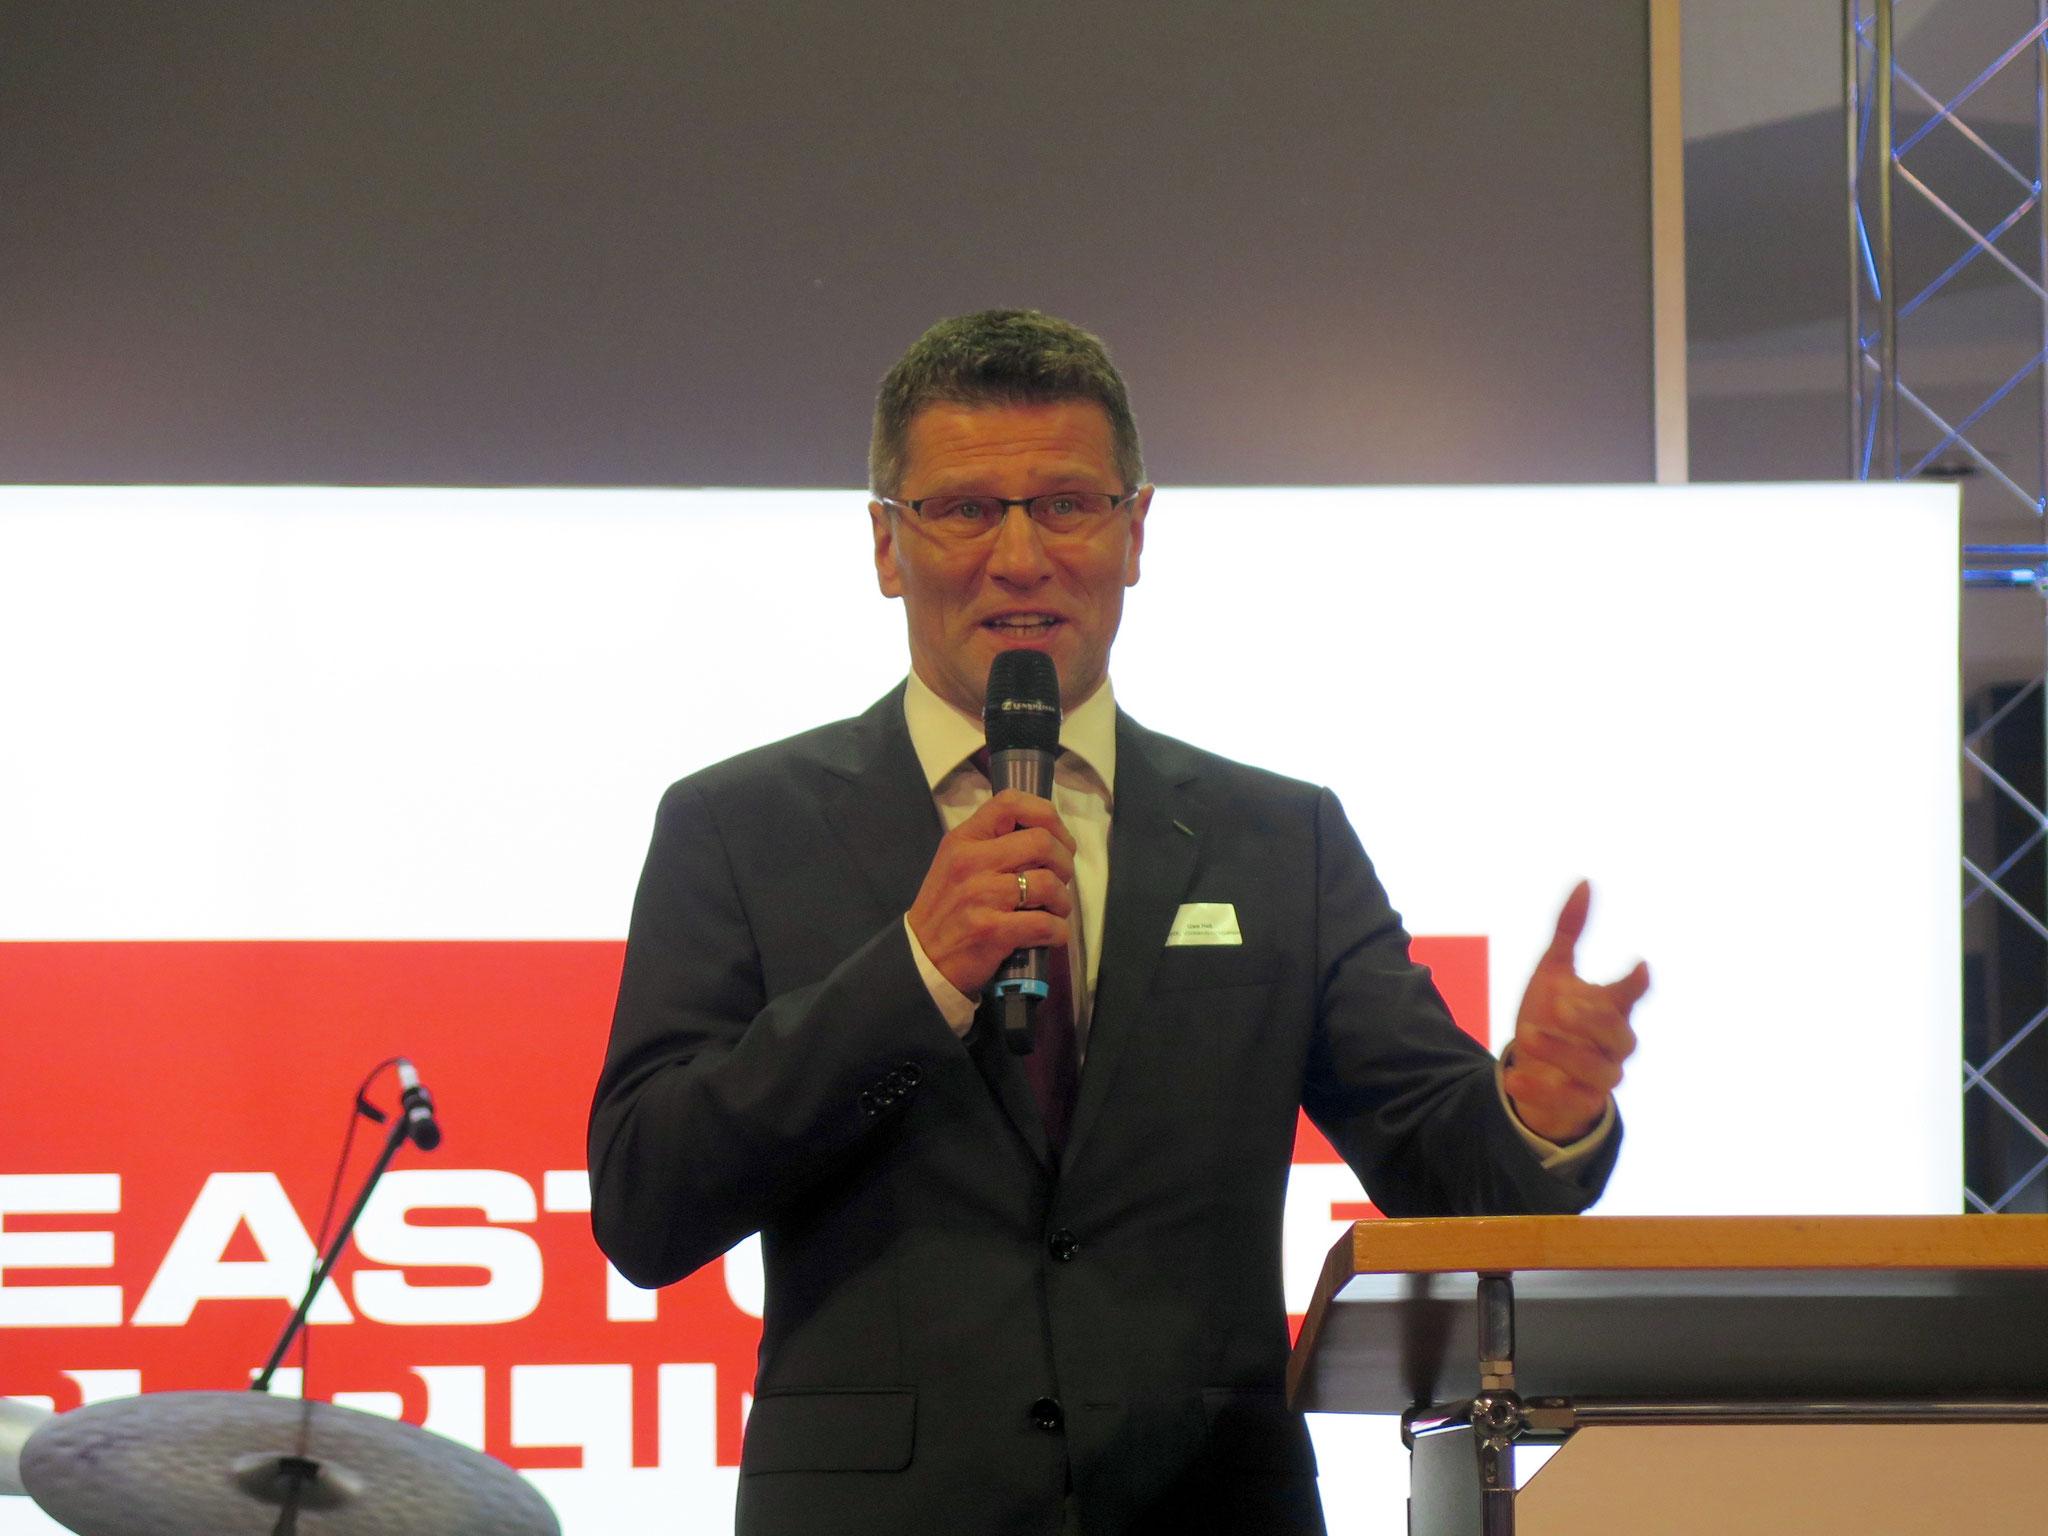 Der Vorstandsvorsitzende des MHWK, Uwe Heß